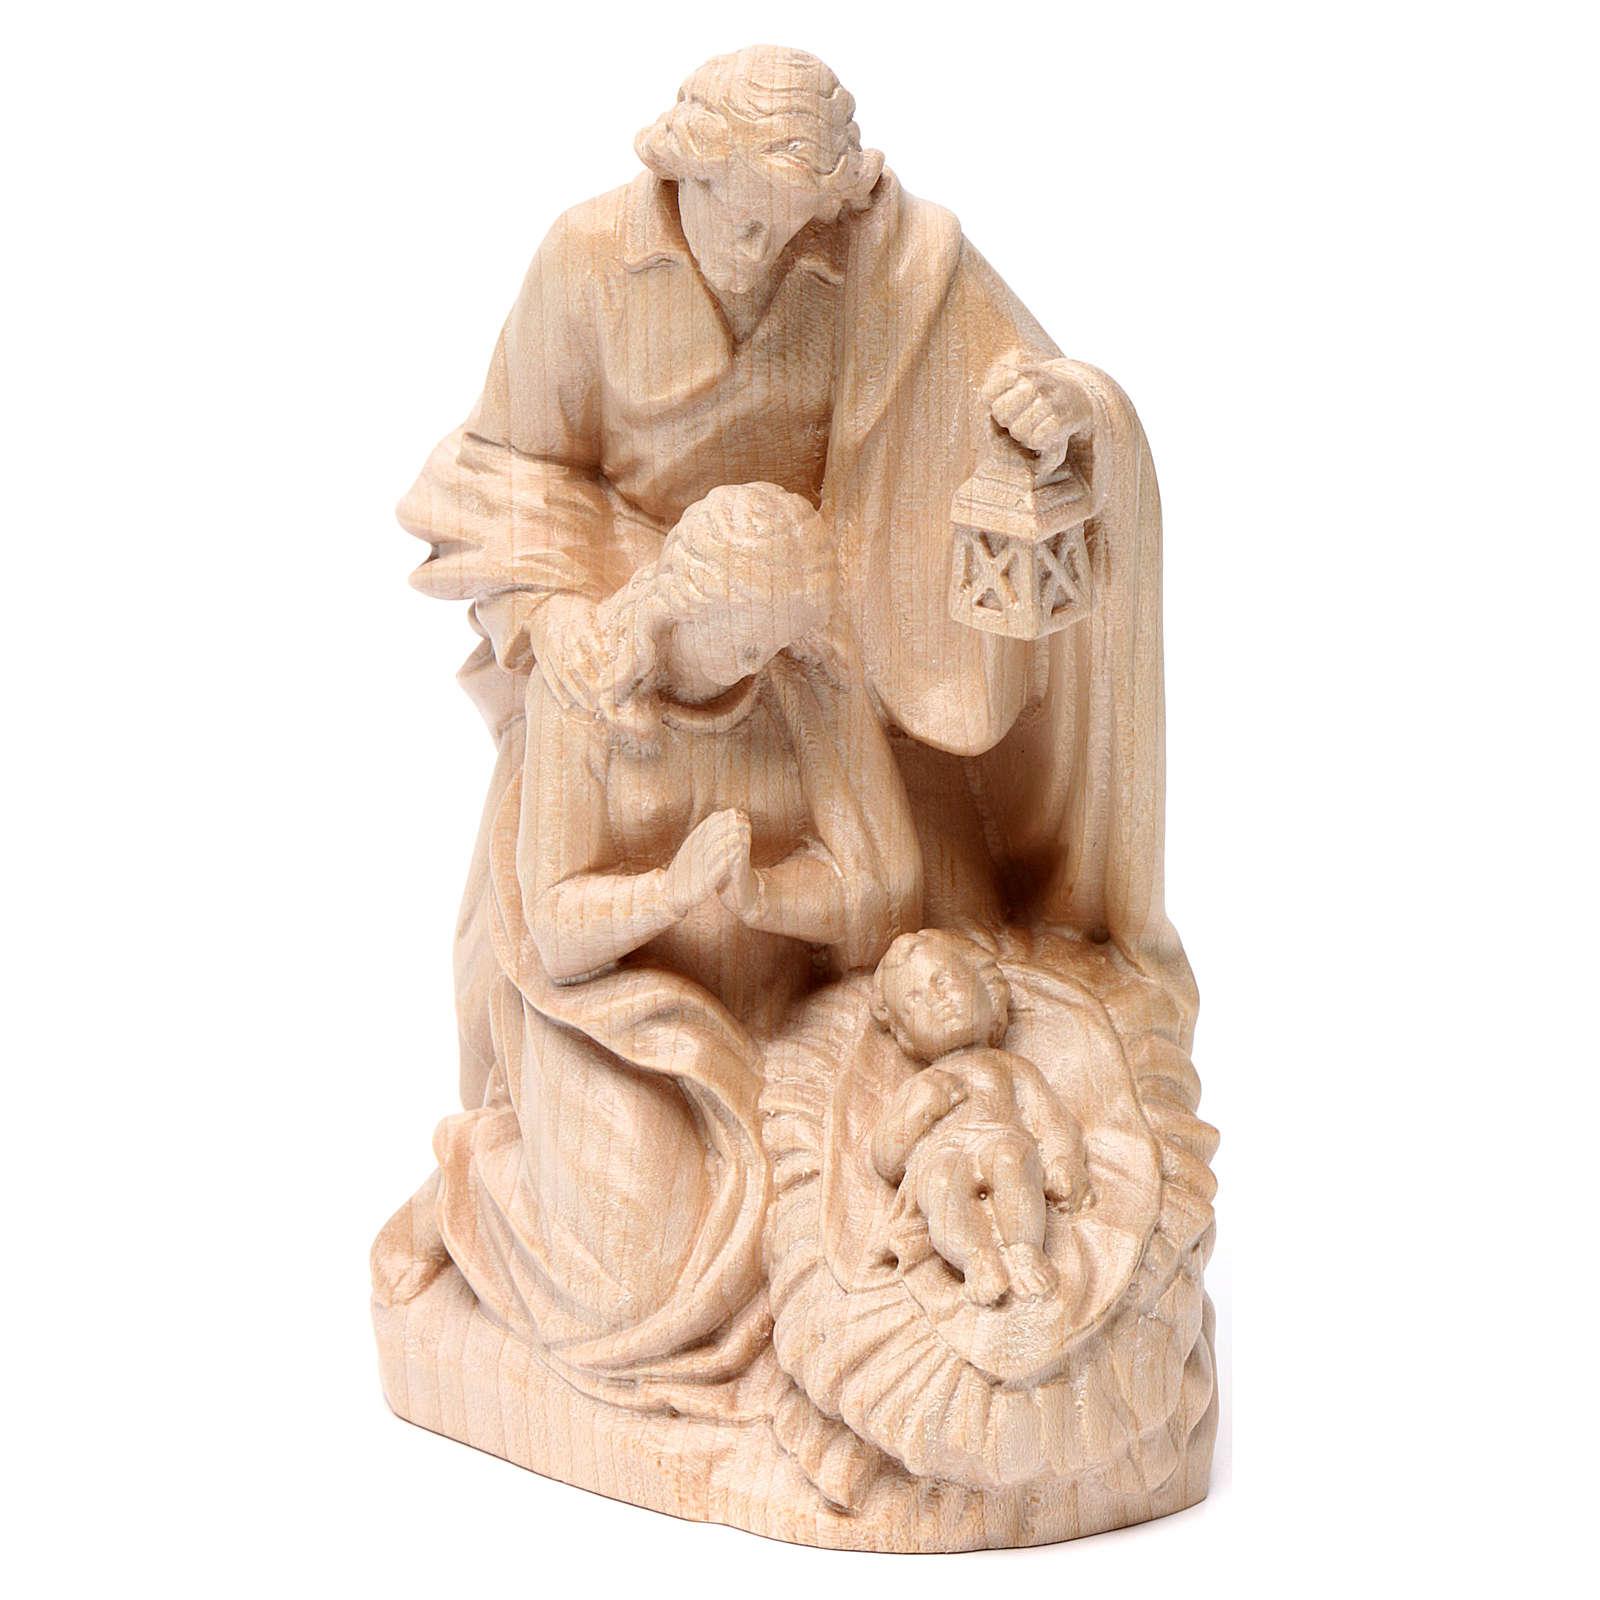 Sagrada Familia de madera de la Valgardena encerada 3